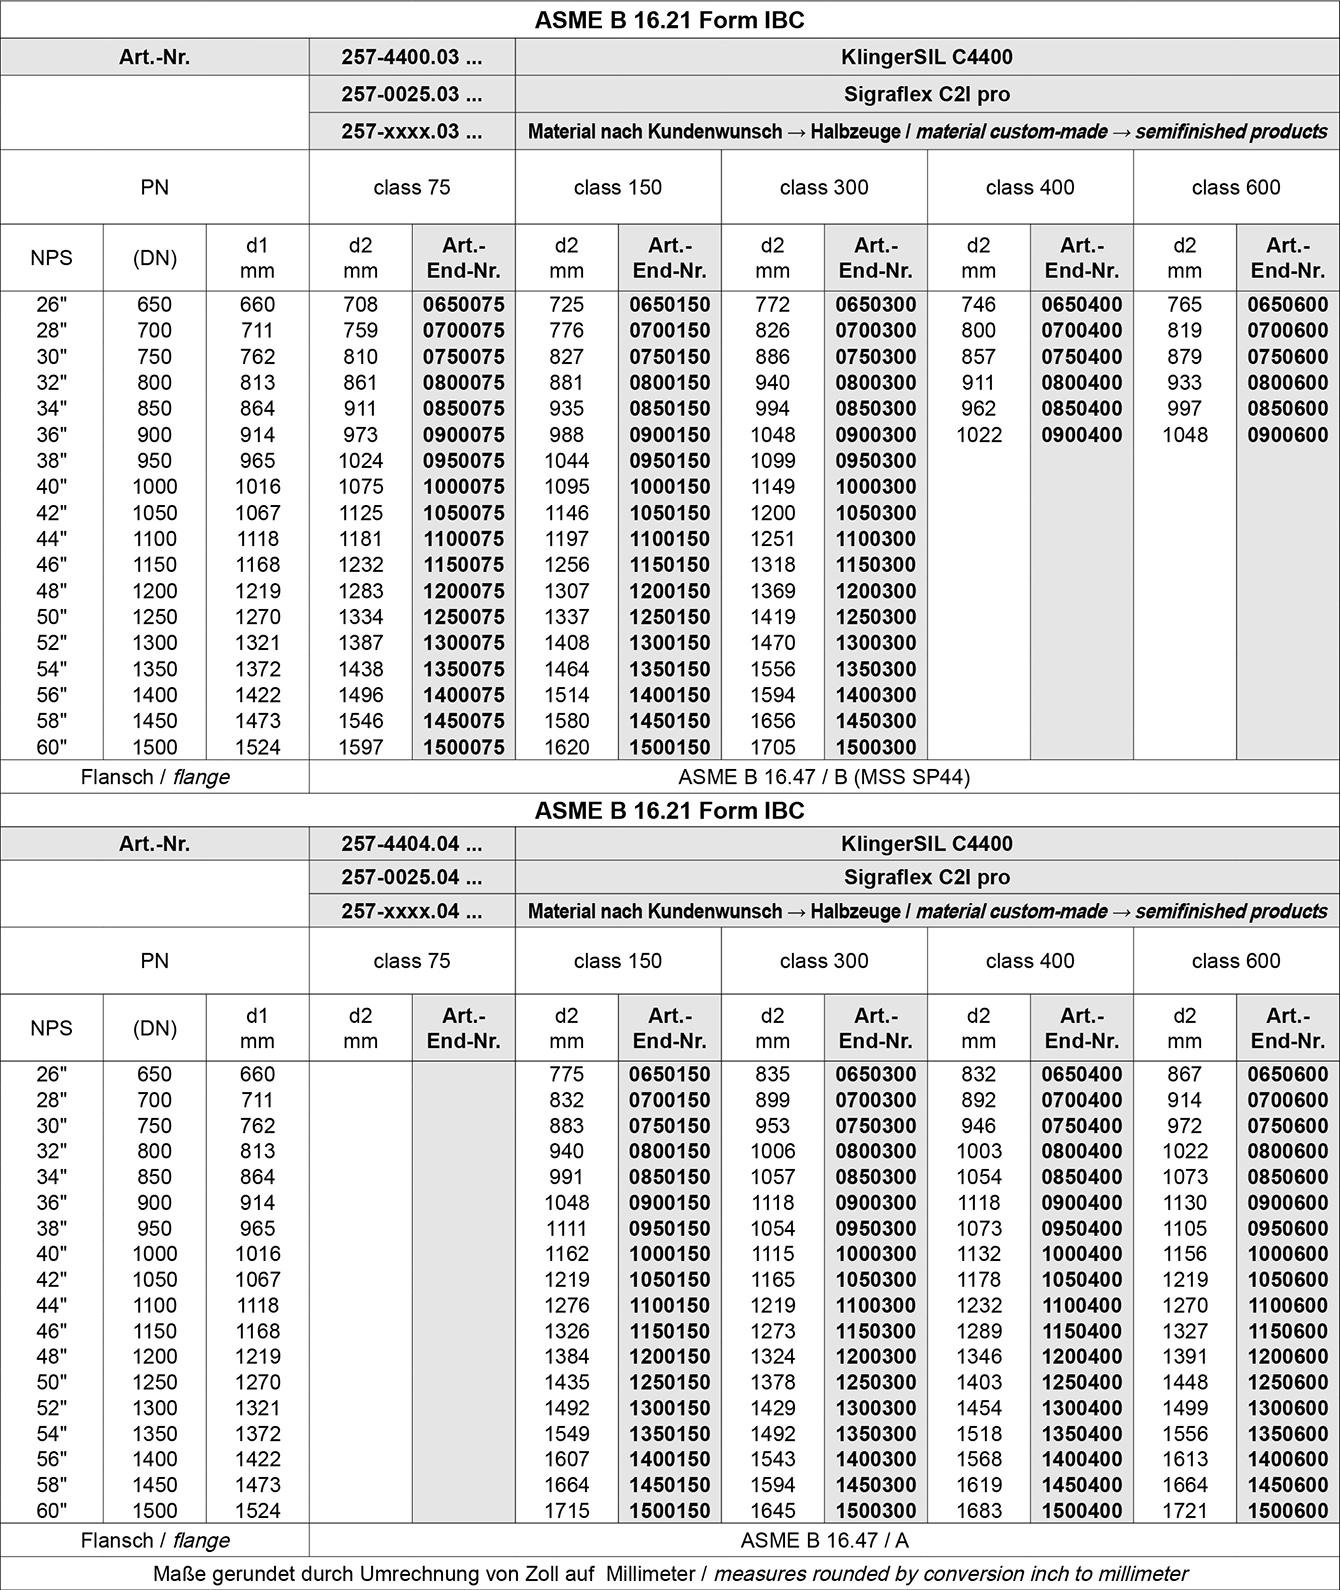 Tabelle Flachdichtung ohne Schraubenlöcher EN-ASME